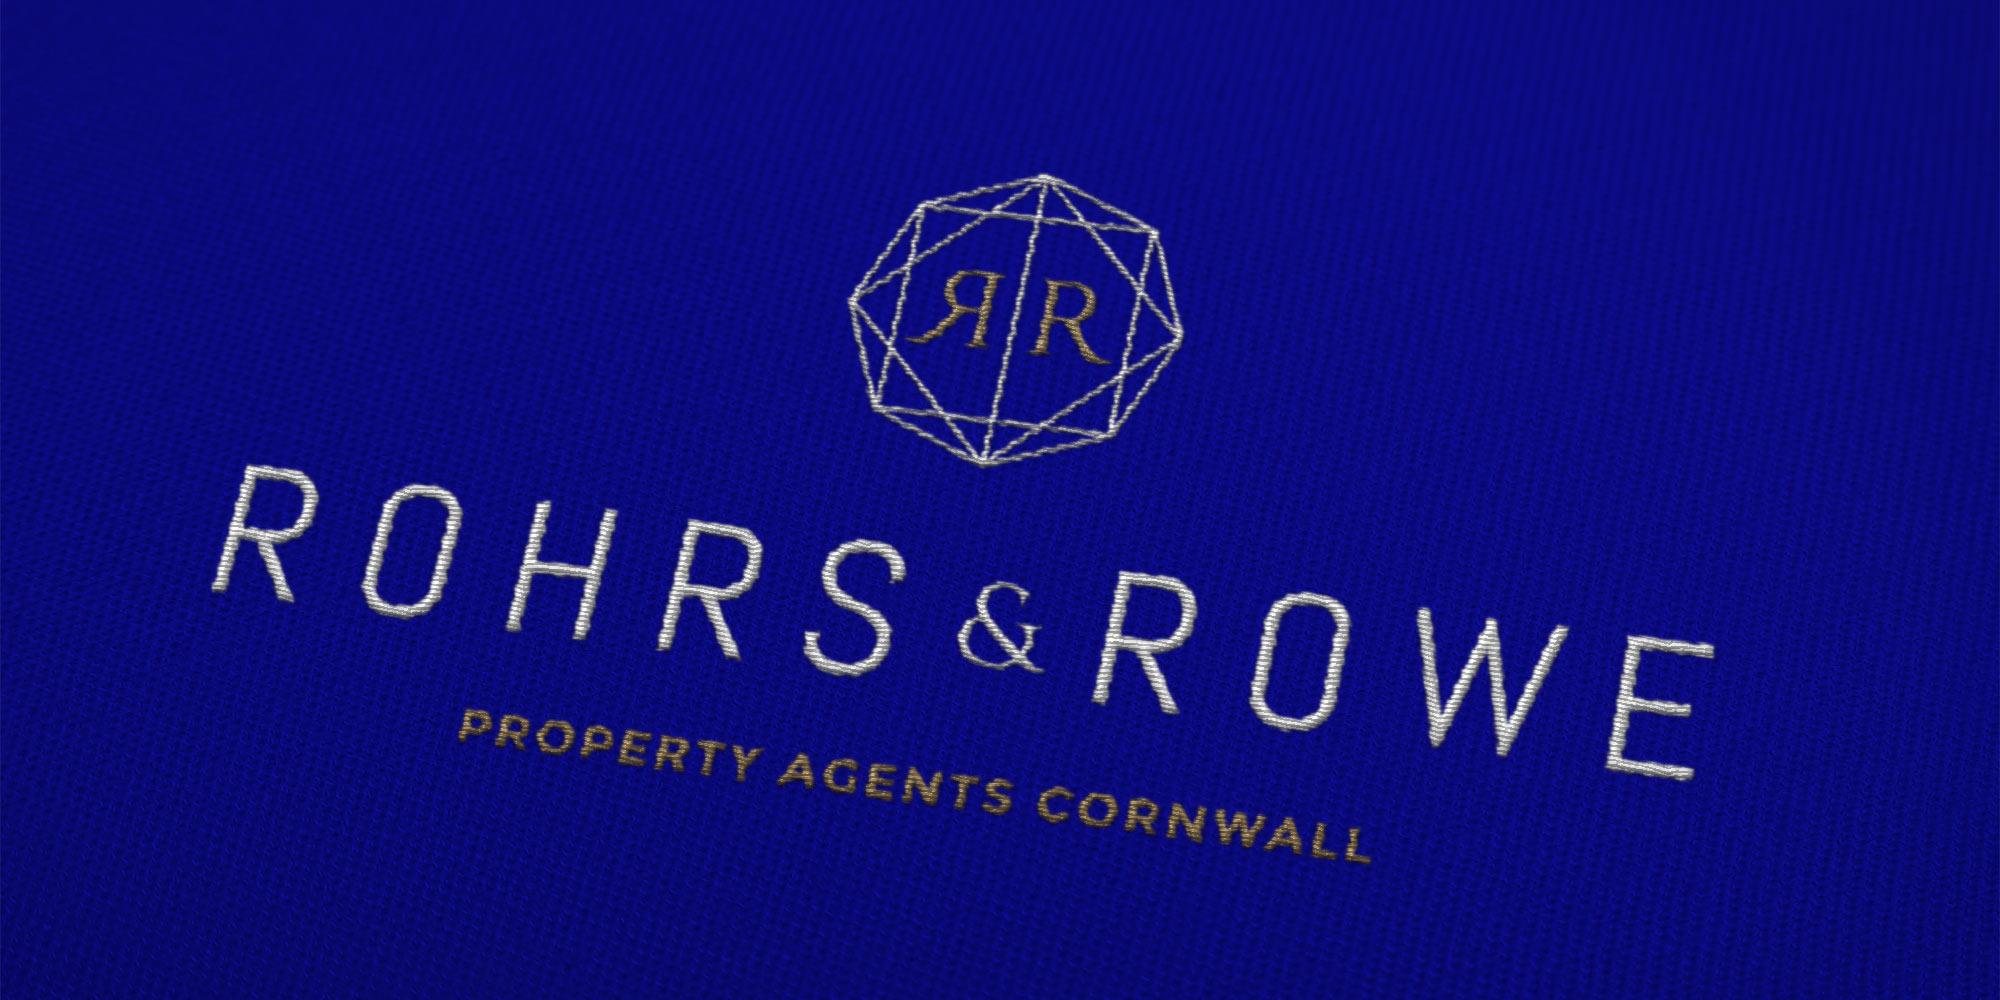 Rohrs & Rowe Logo Design